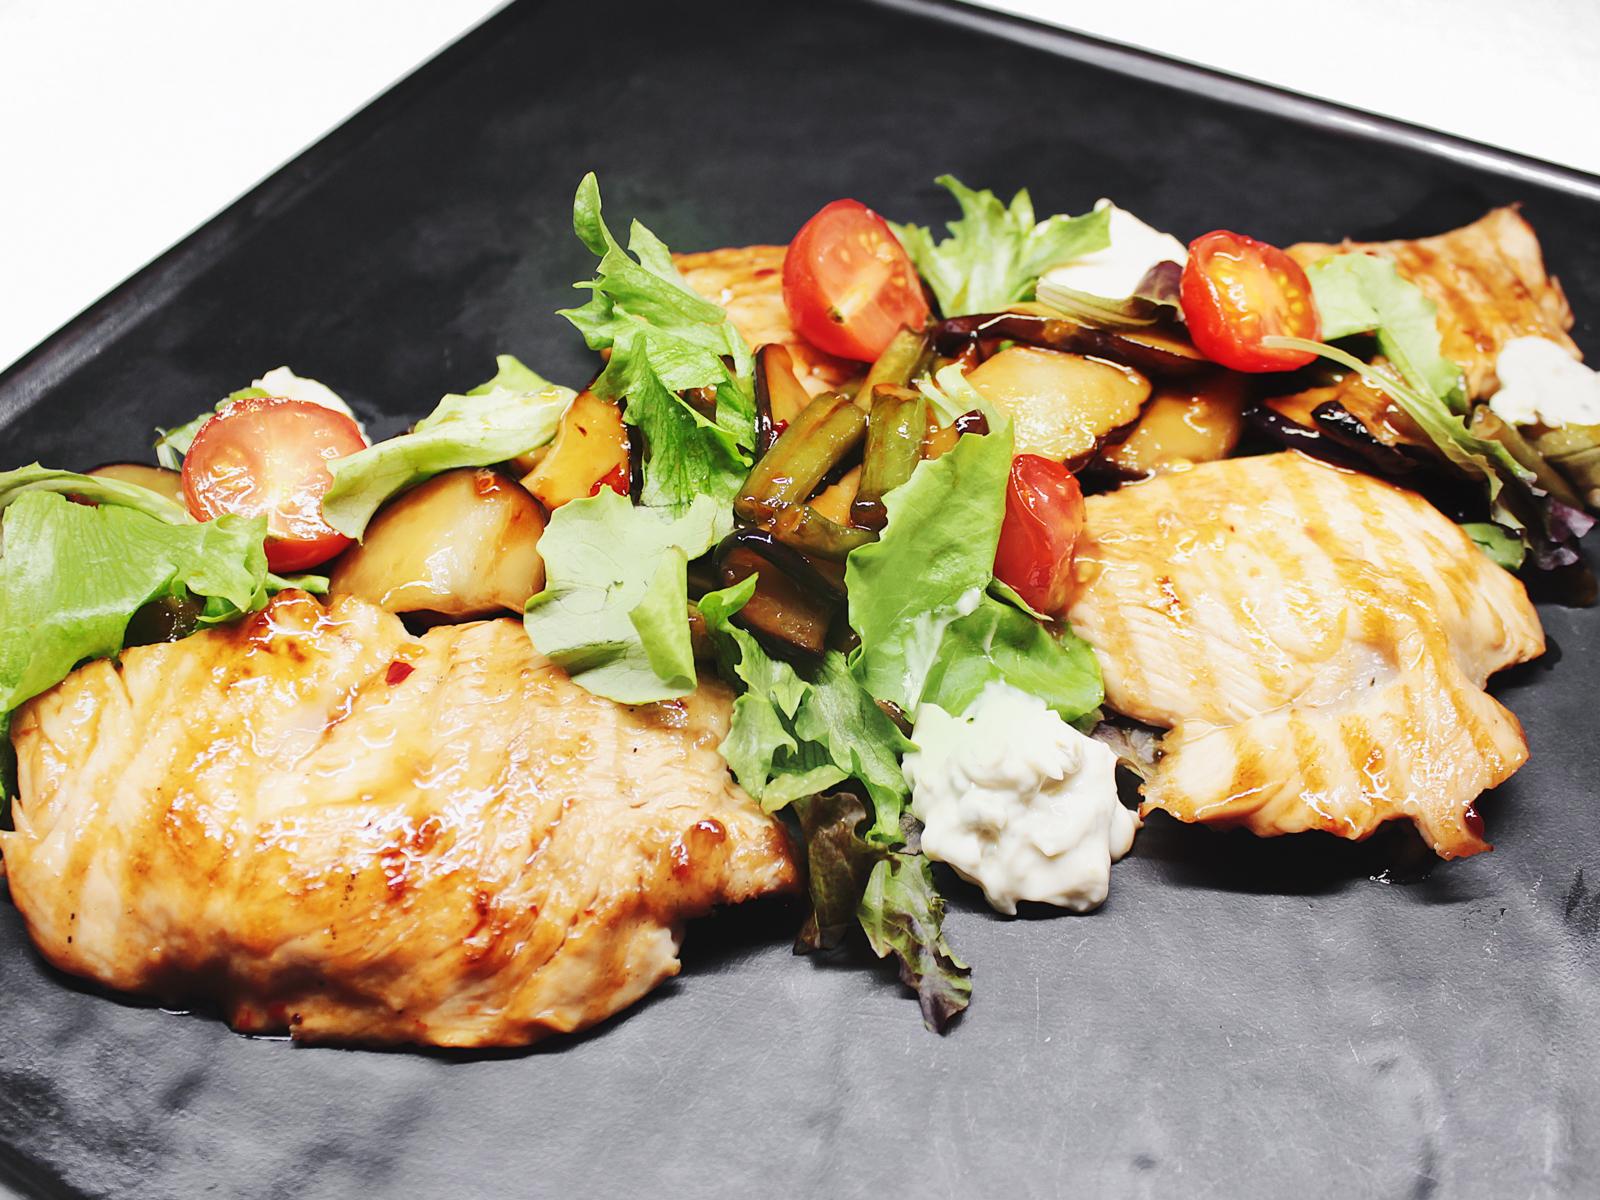 Салат с индейкой, баклажаном и стручковой фасолью